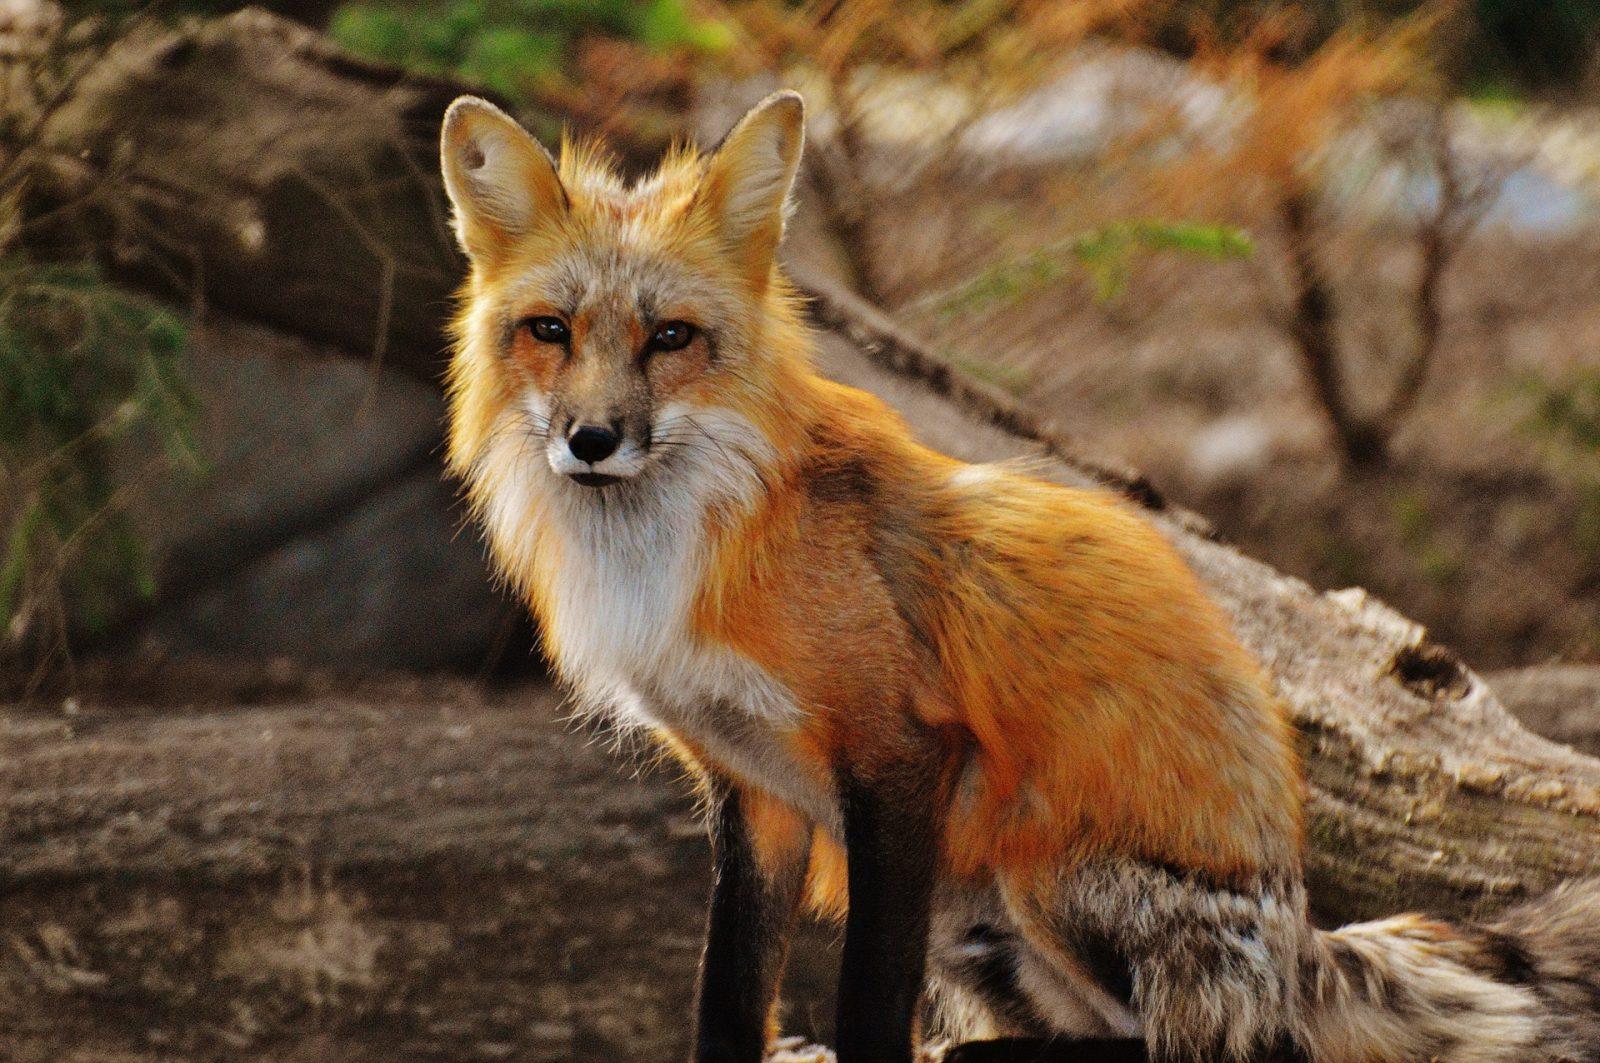 Sonhar com raposa observando-a no sonho indica que você deve ser mais discreto.